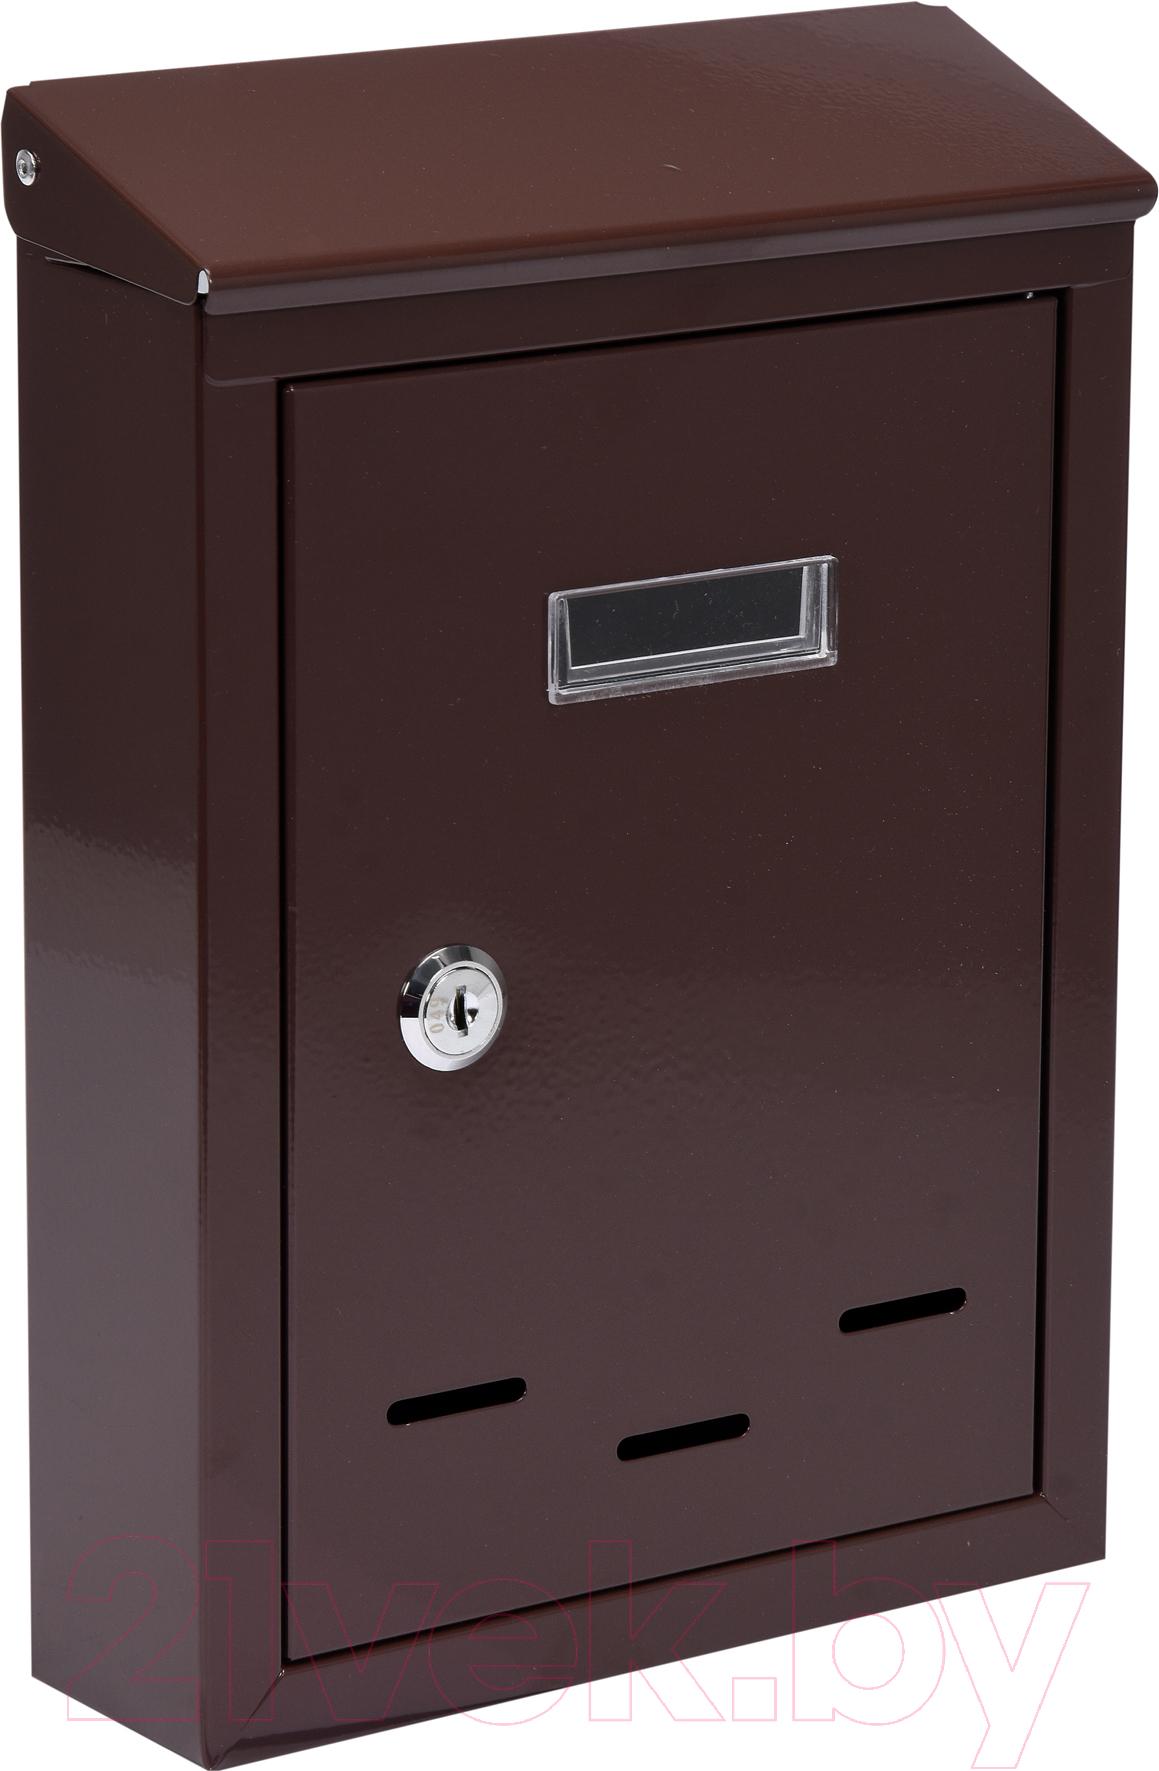 Купить Почтовый ящик Vorel, 78542, Польша, коричневый, сталь